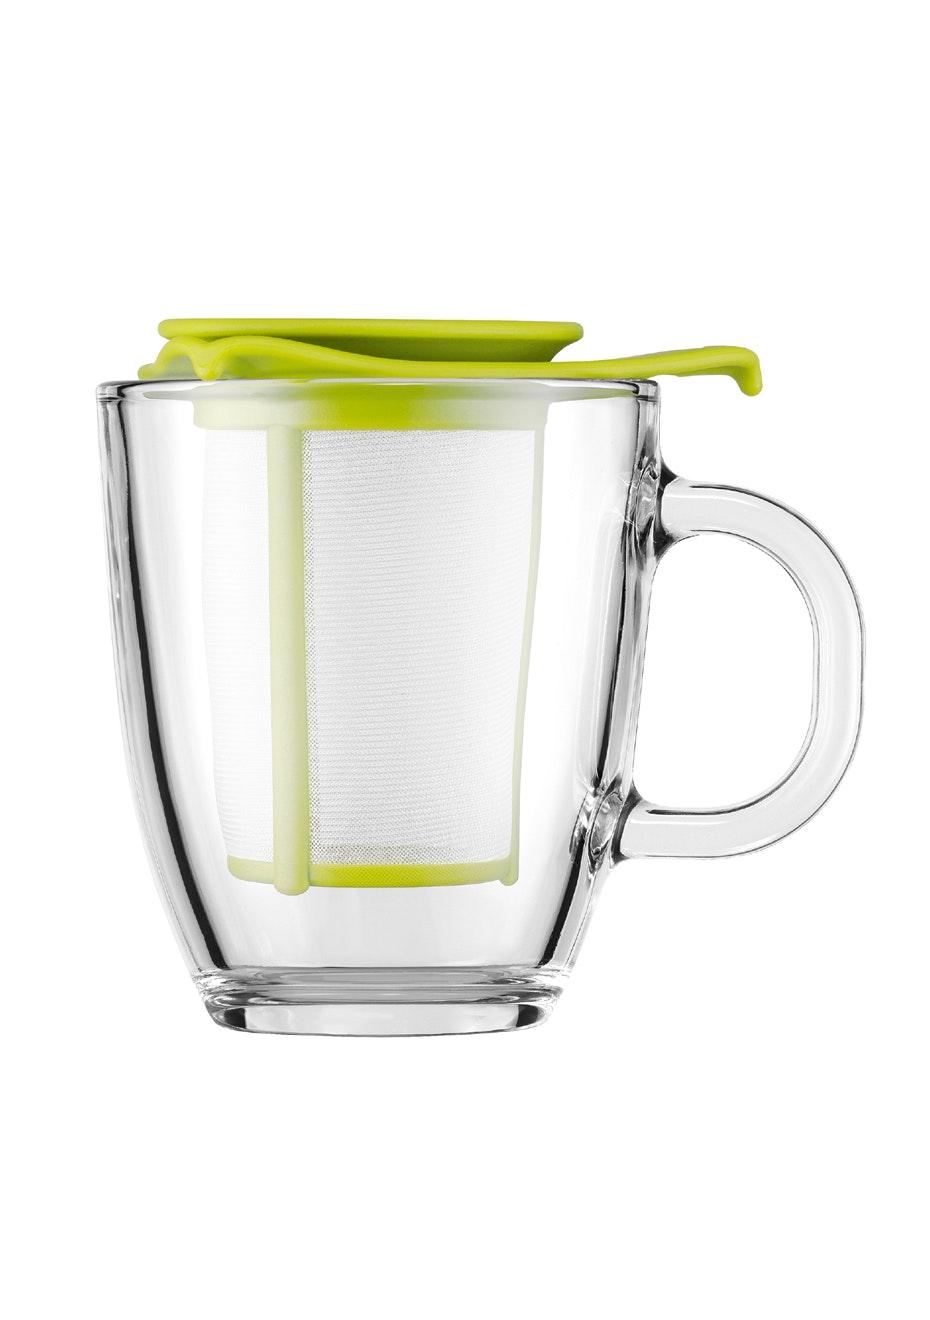 Bodum - Mug And Tea Strainer, 0.35L - Lime